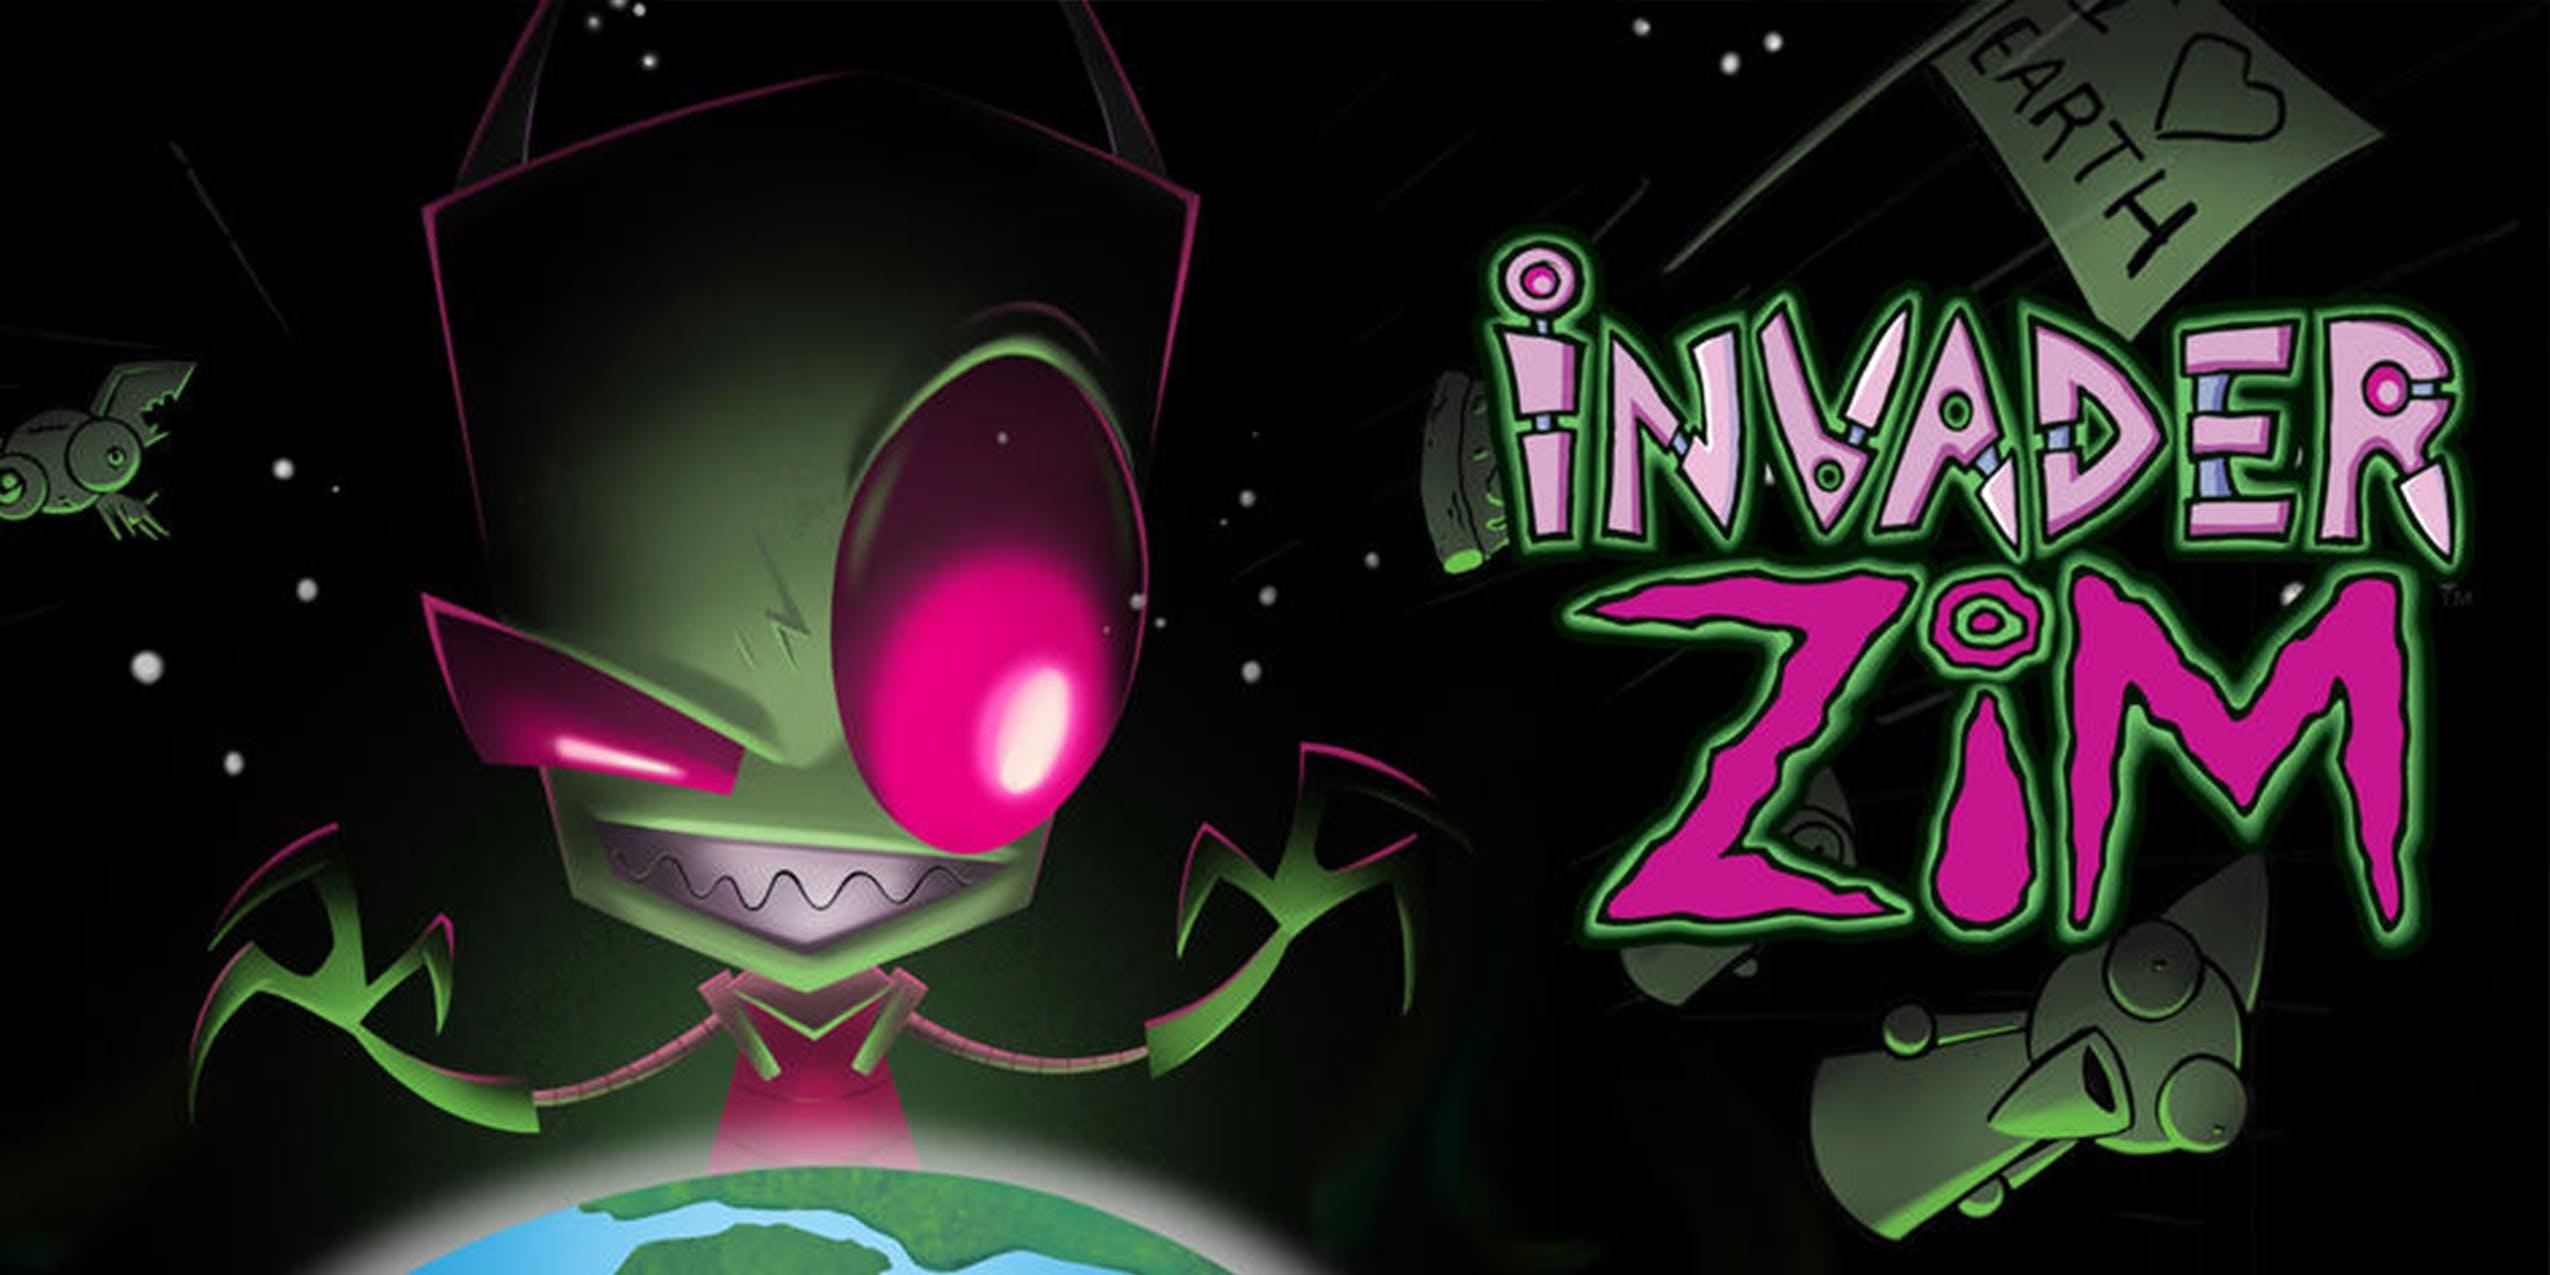 best sci fi shows hulu invader zim